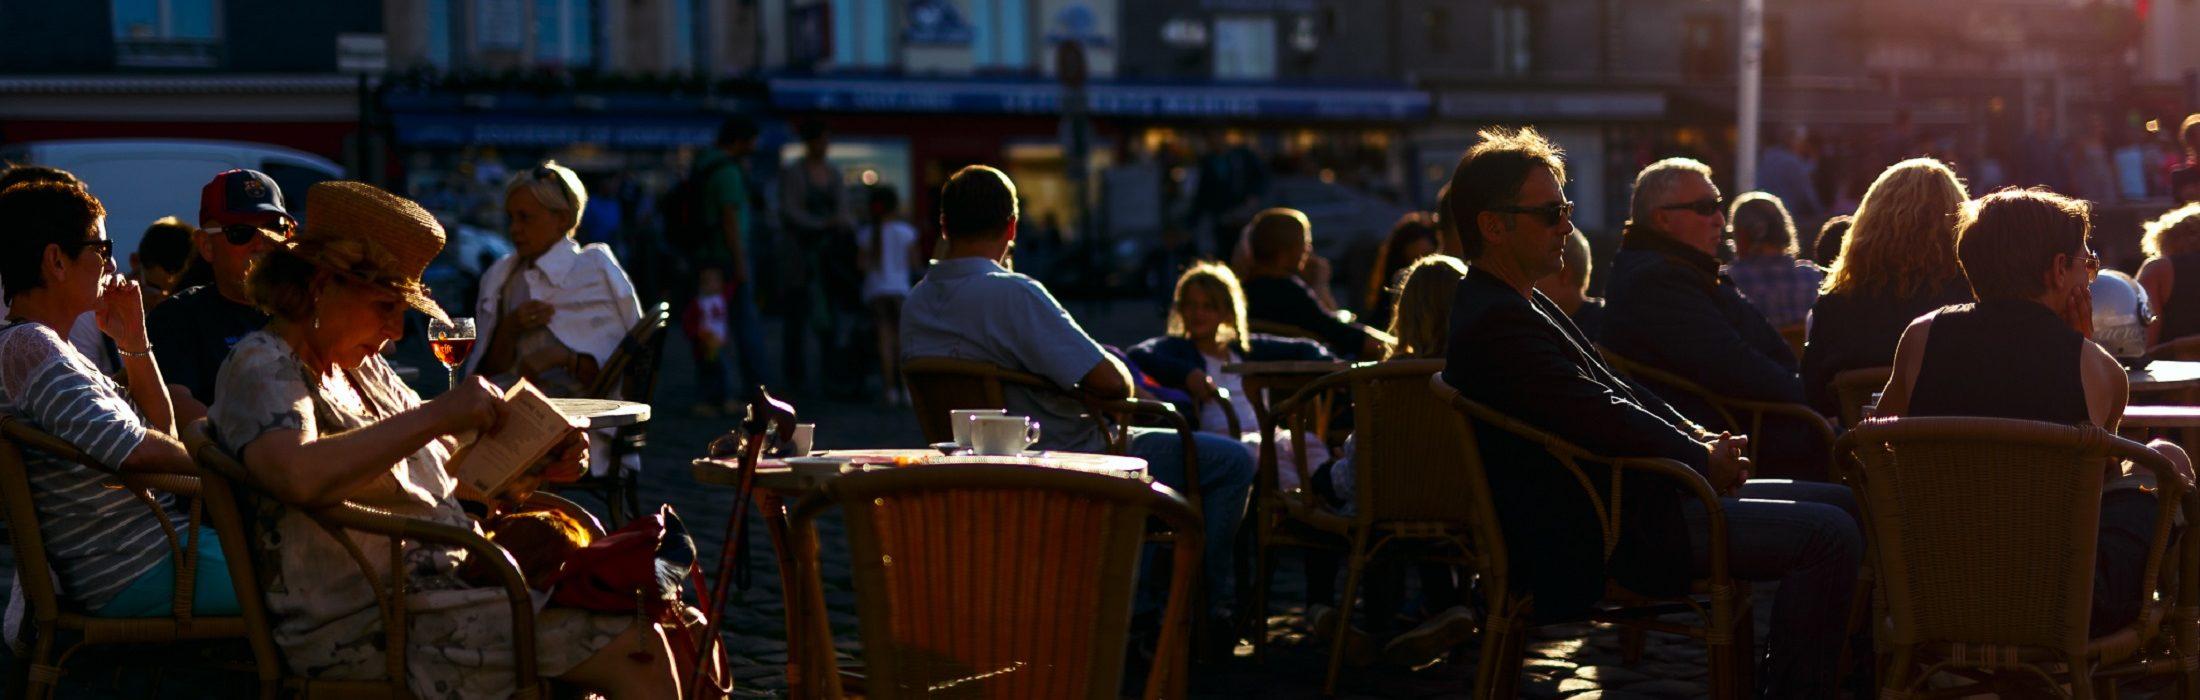 Restaurants Les restaurants sur la destination Honfleur, Terre d'Estuaire : cuisine traditionnelle normande ou gastronomique, spécialités fruits de mer, 1